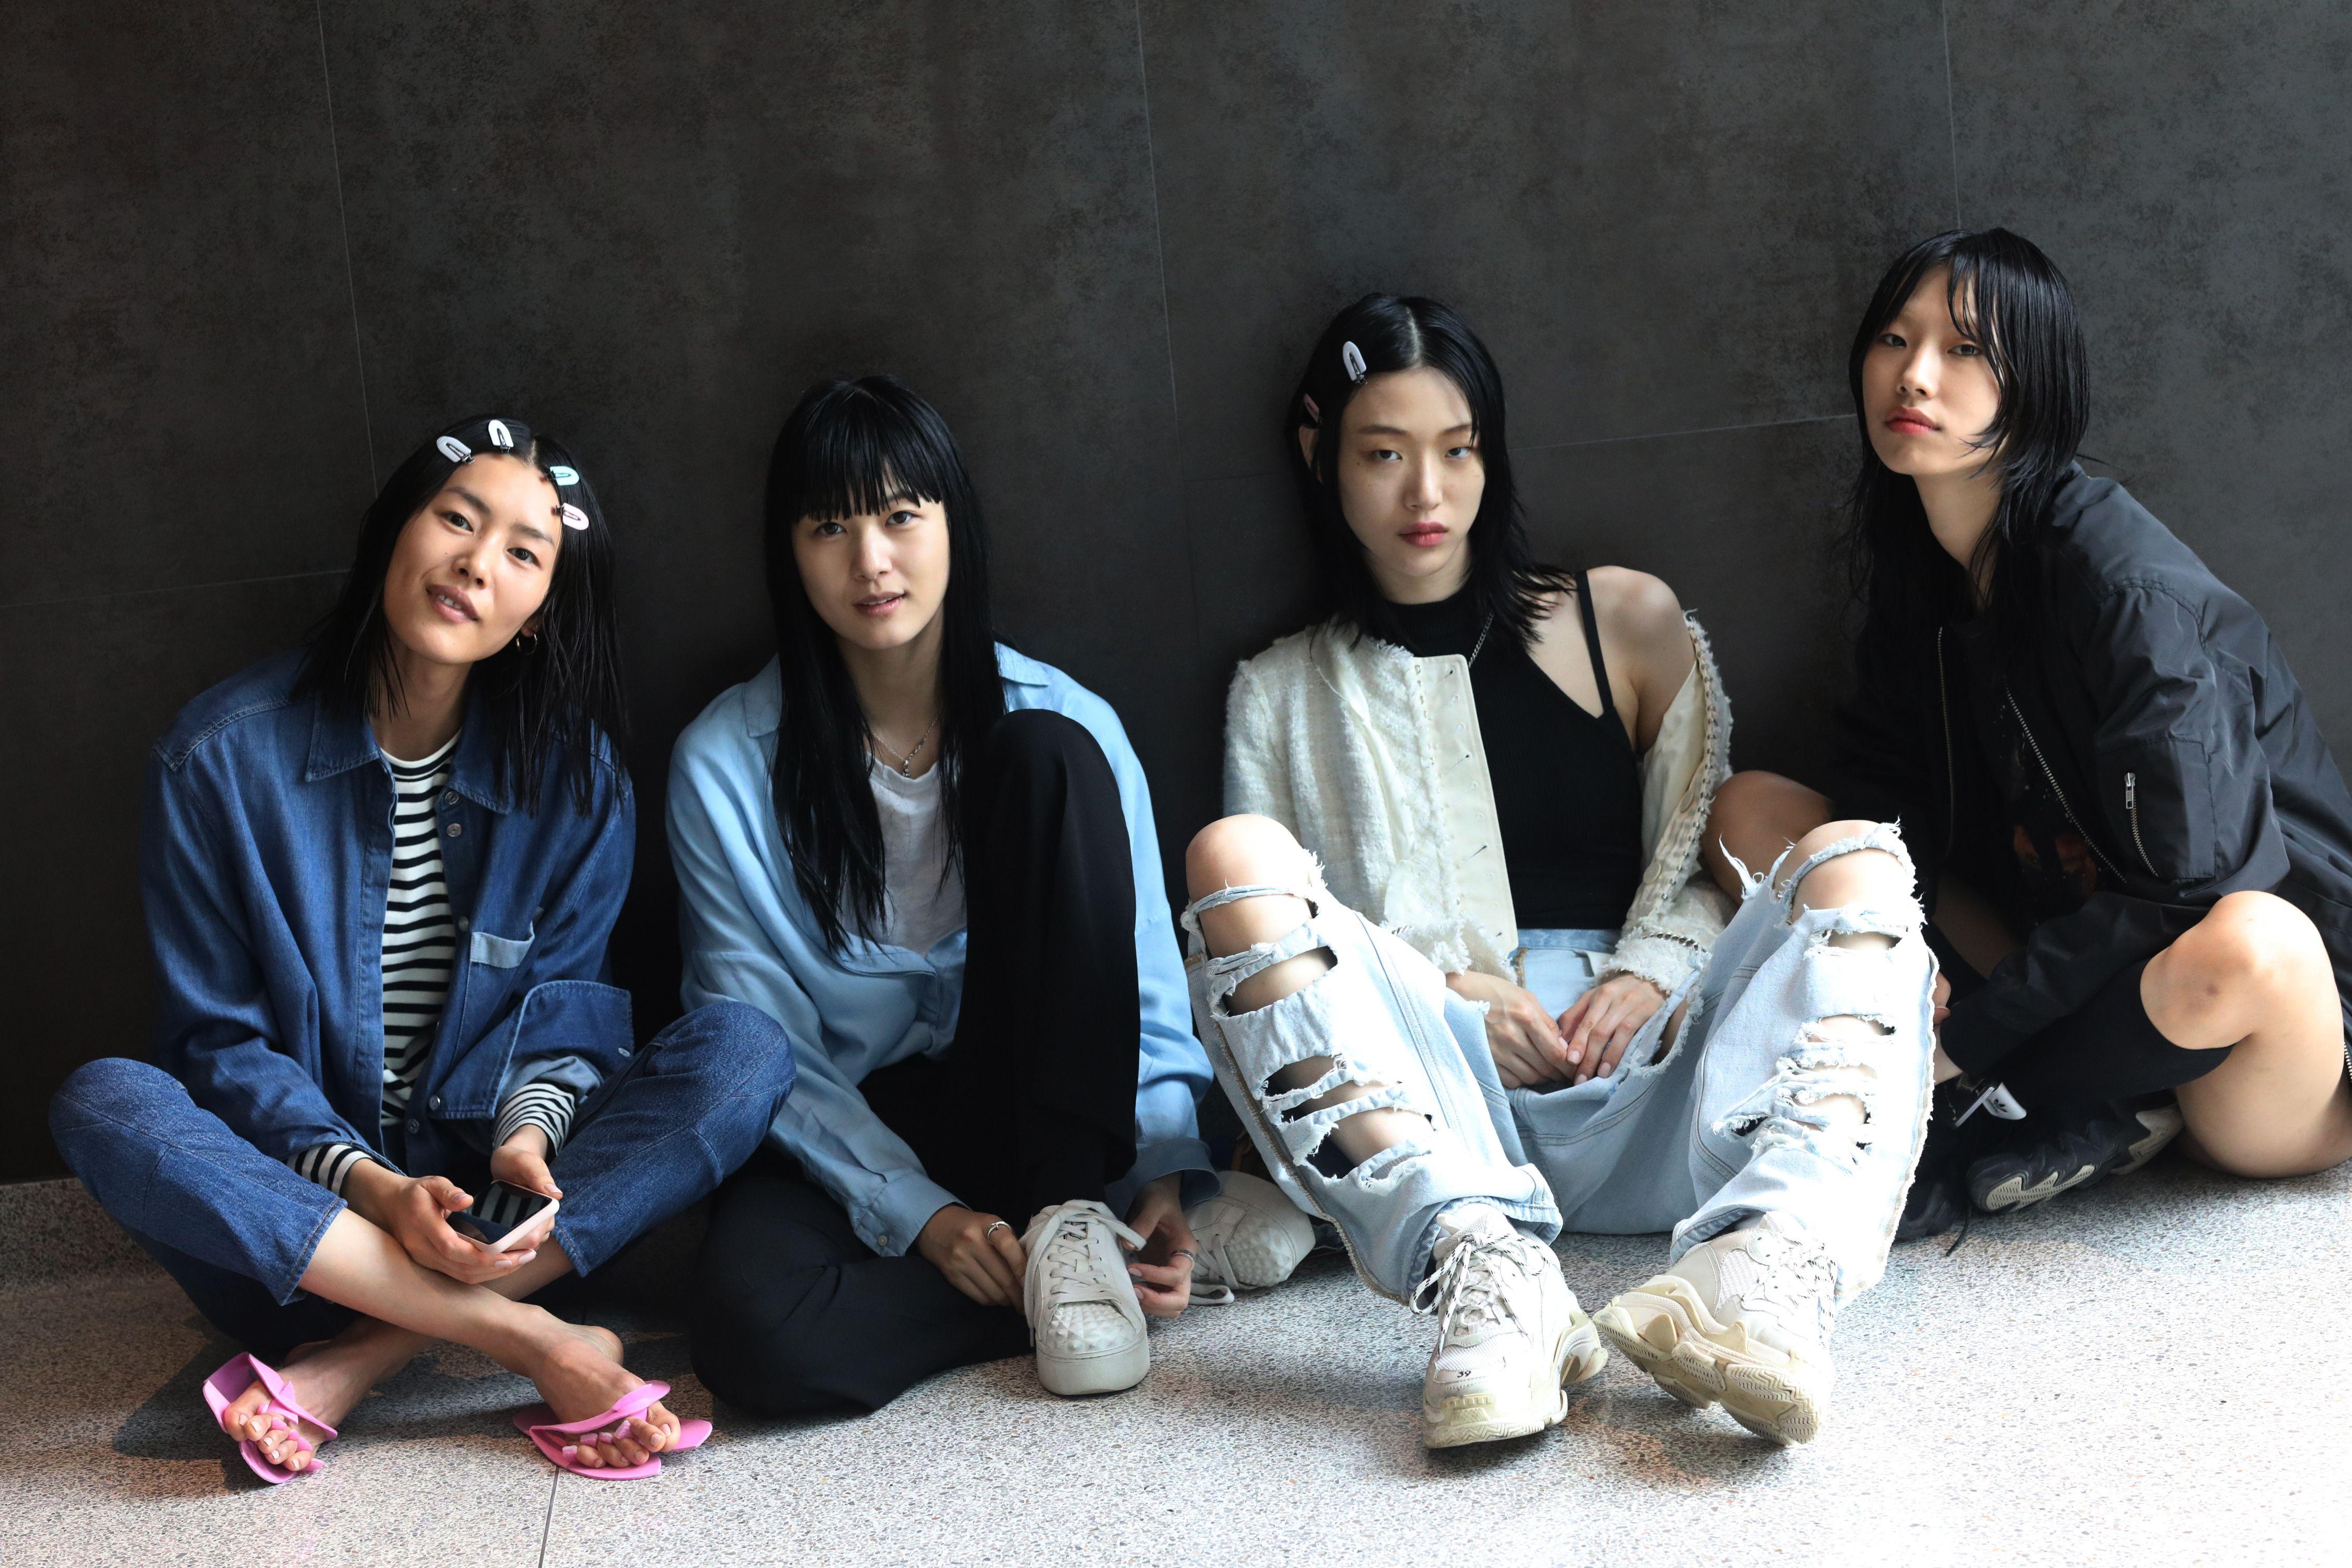 Backstage at Alexander Wang Resort 2019